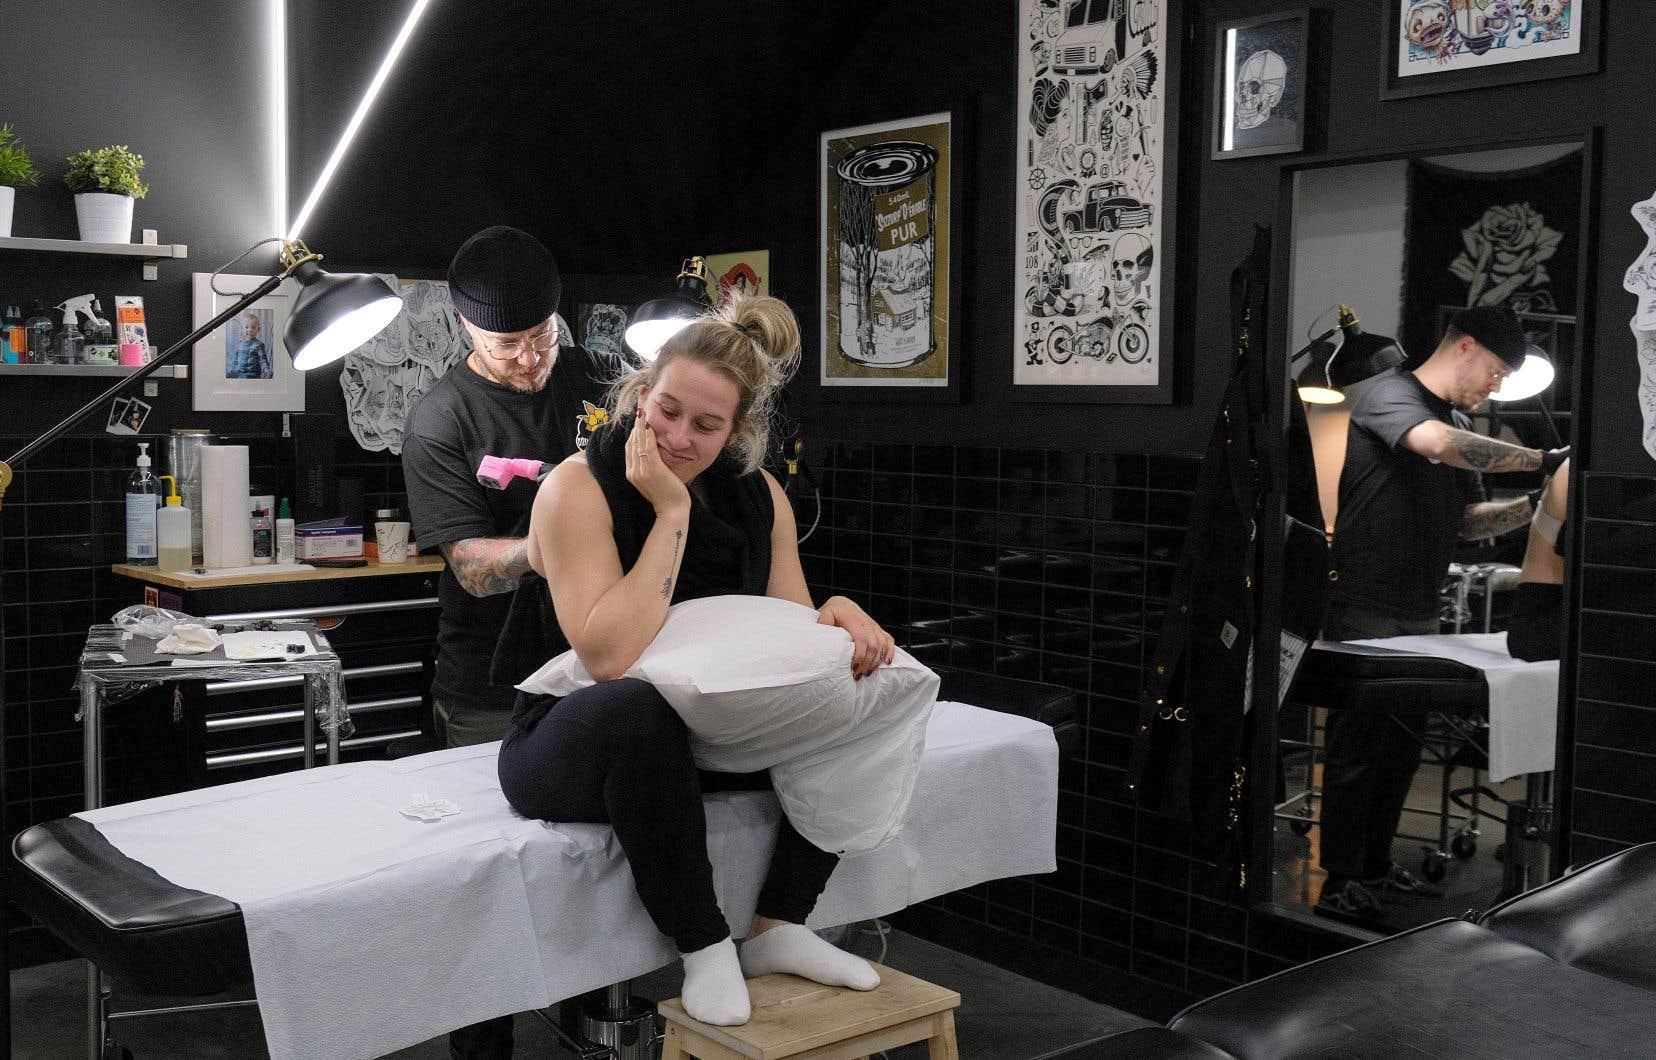 Chacun des épisodes d'Encré dans la peau est construit autour du passage sous le stylet expert de deux adeptes de cet art, dont une personnalité publique (Marianne St-Gelais sur notre photo), qui se confient sur leur amour du tatouage.